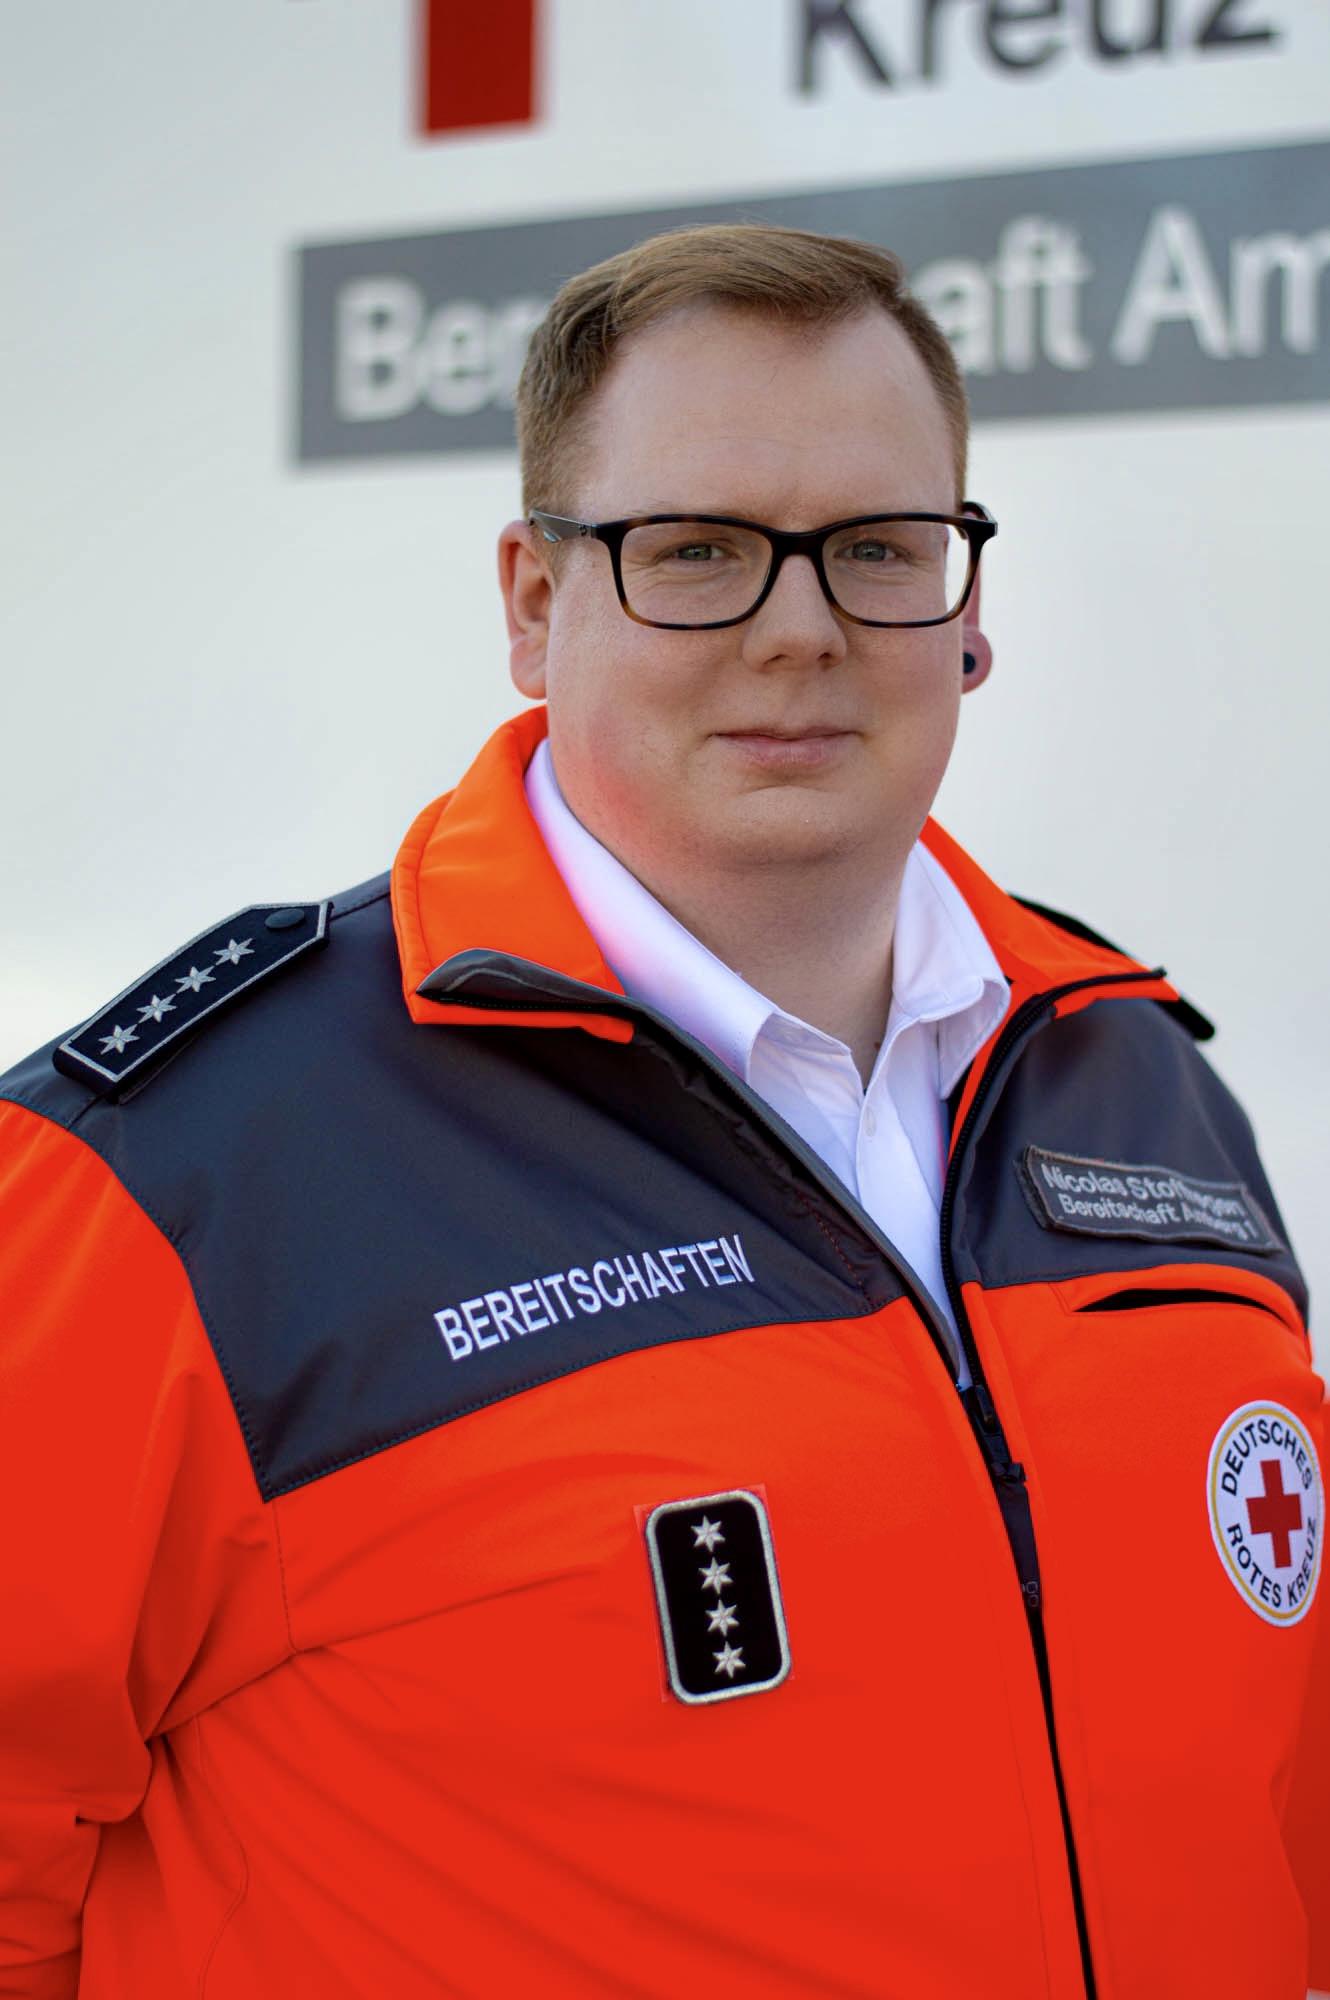 Nicolas Stoffregen